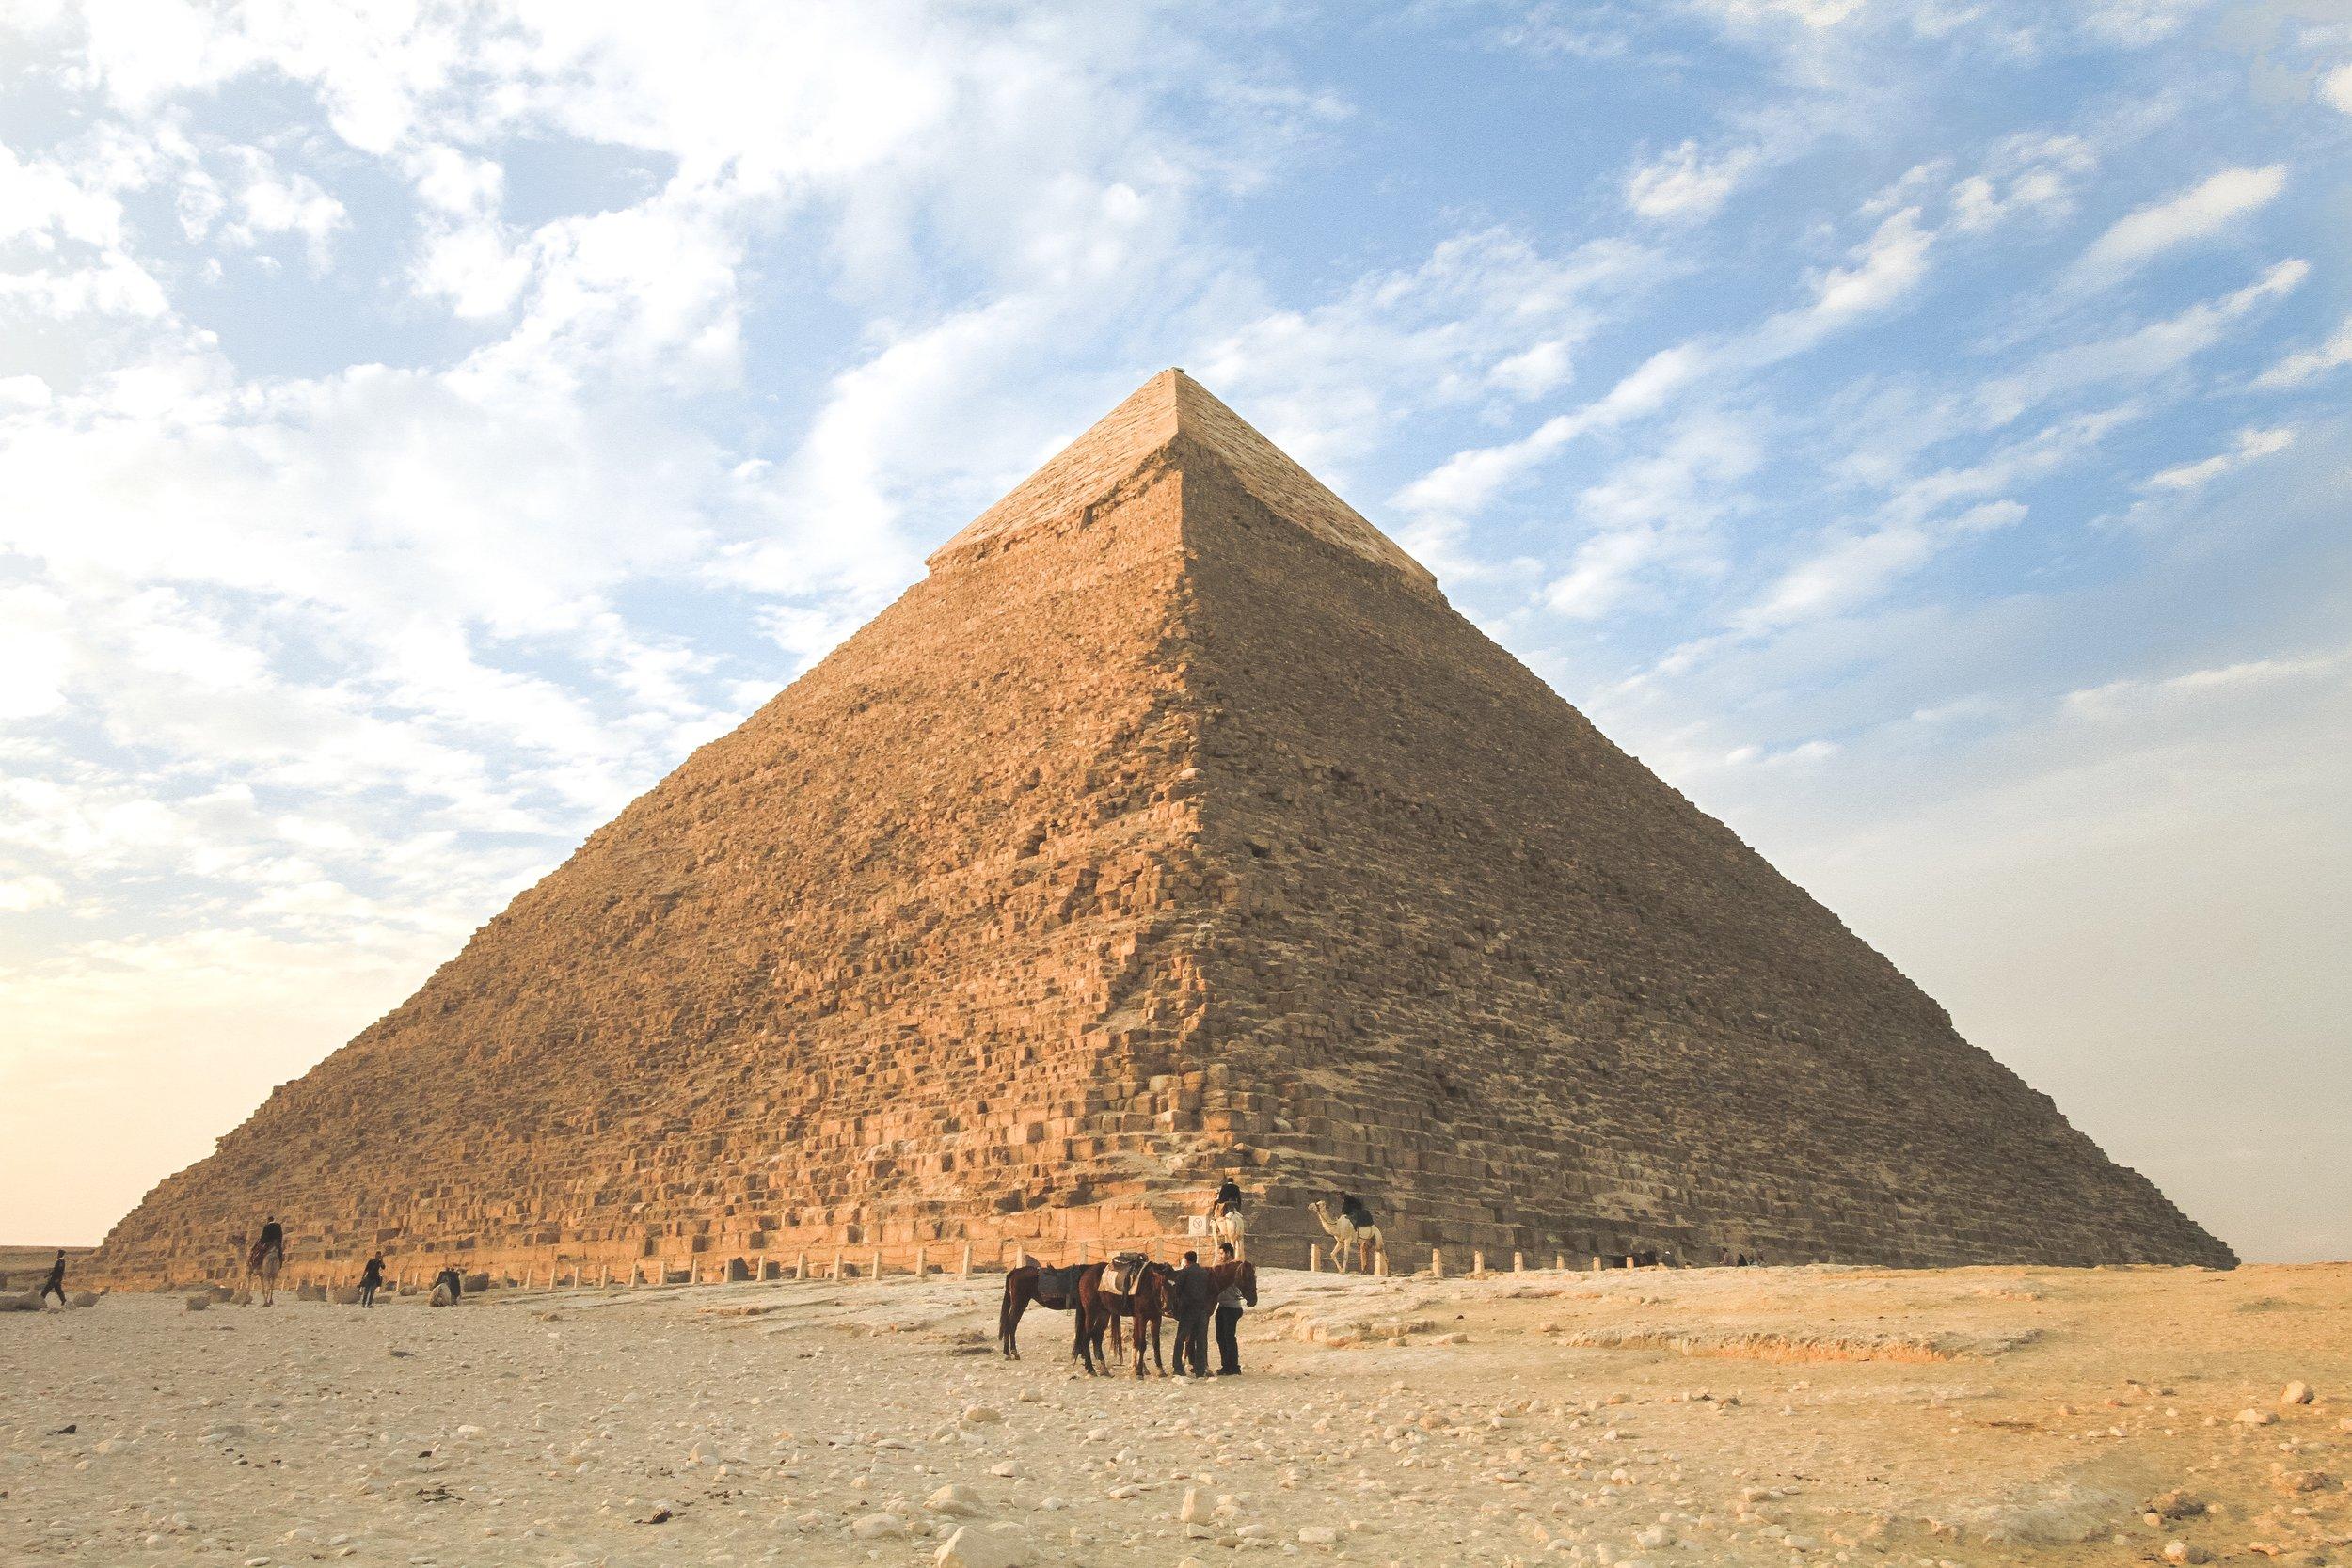 қазір солитье пирамидасында ойнаңыз